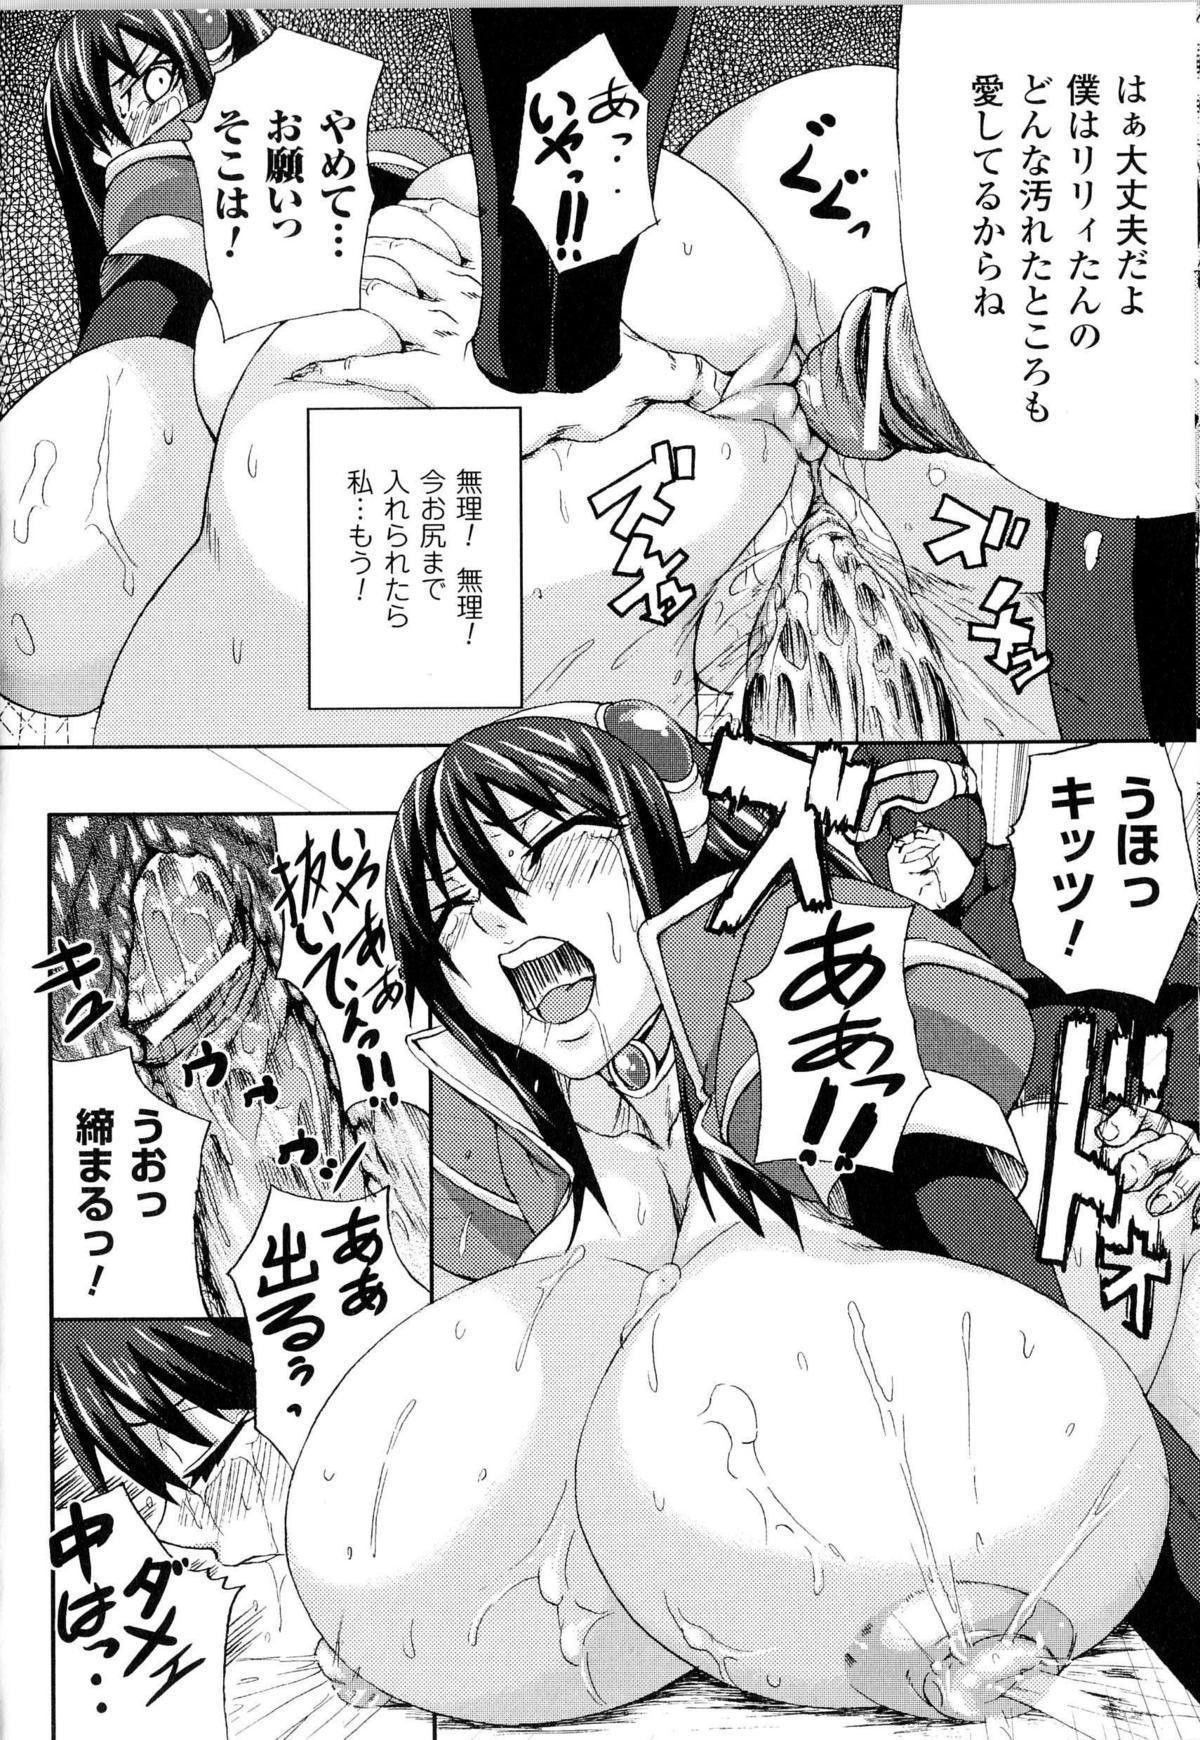 Toushin Engi Vol.14 110